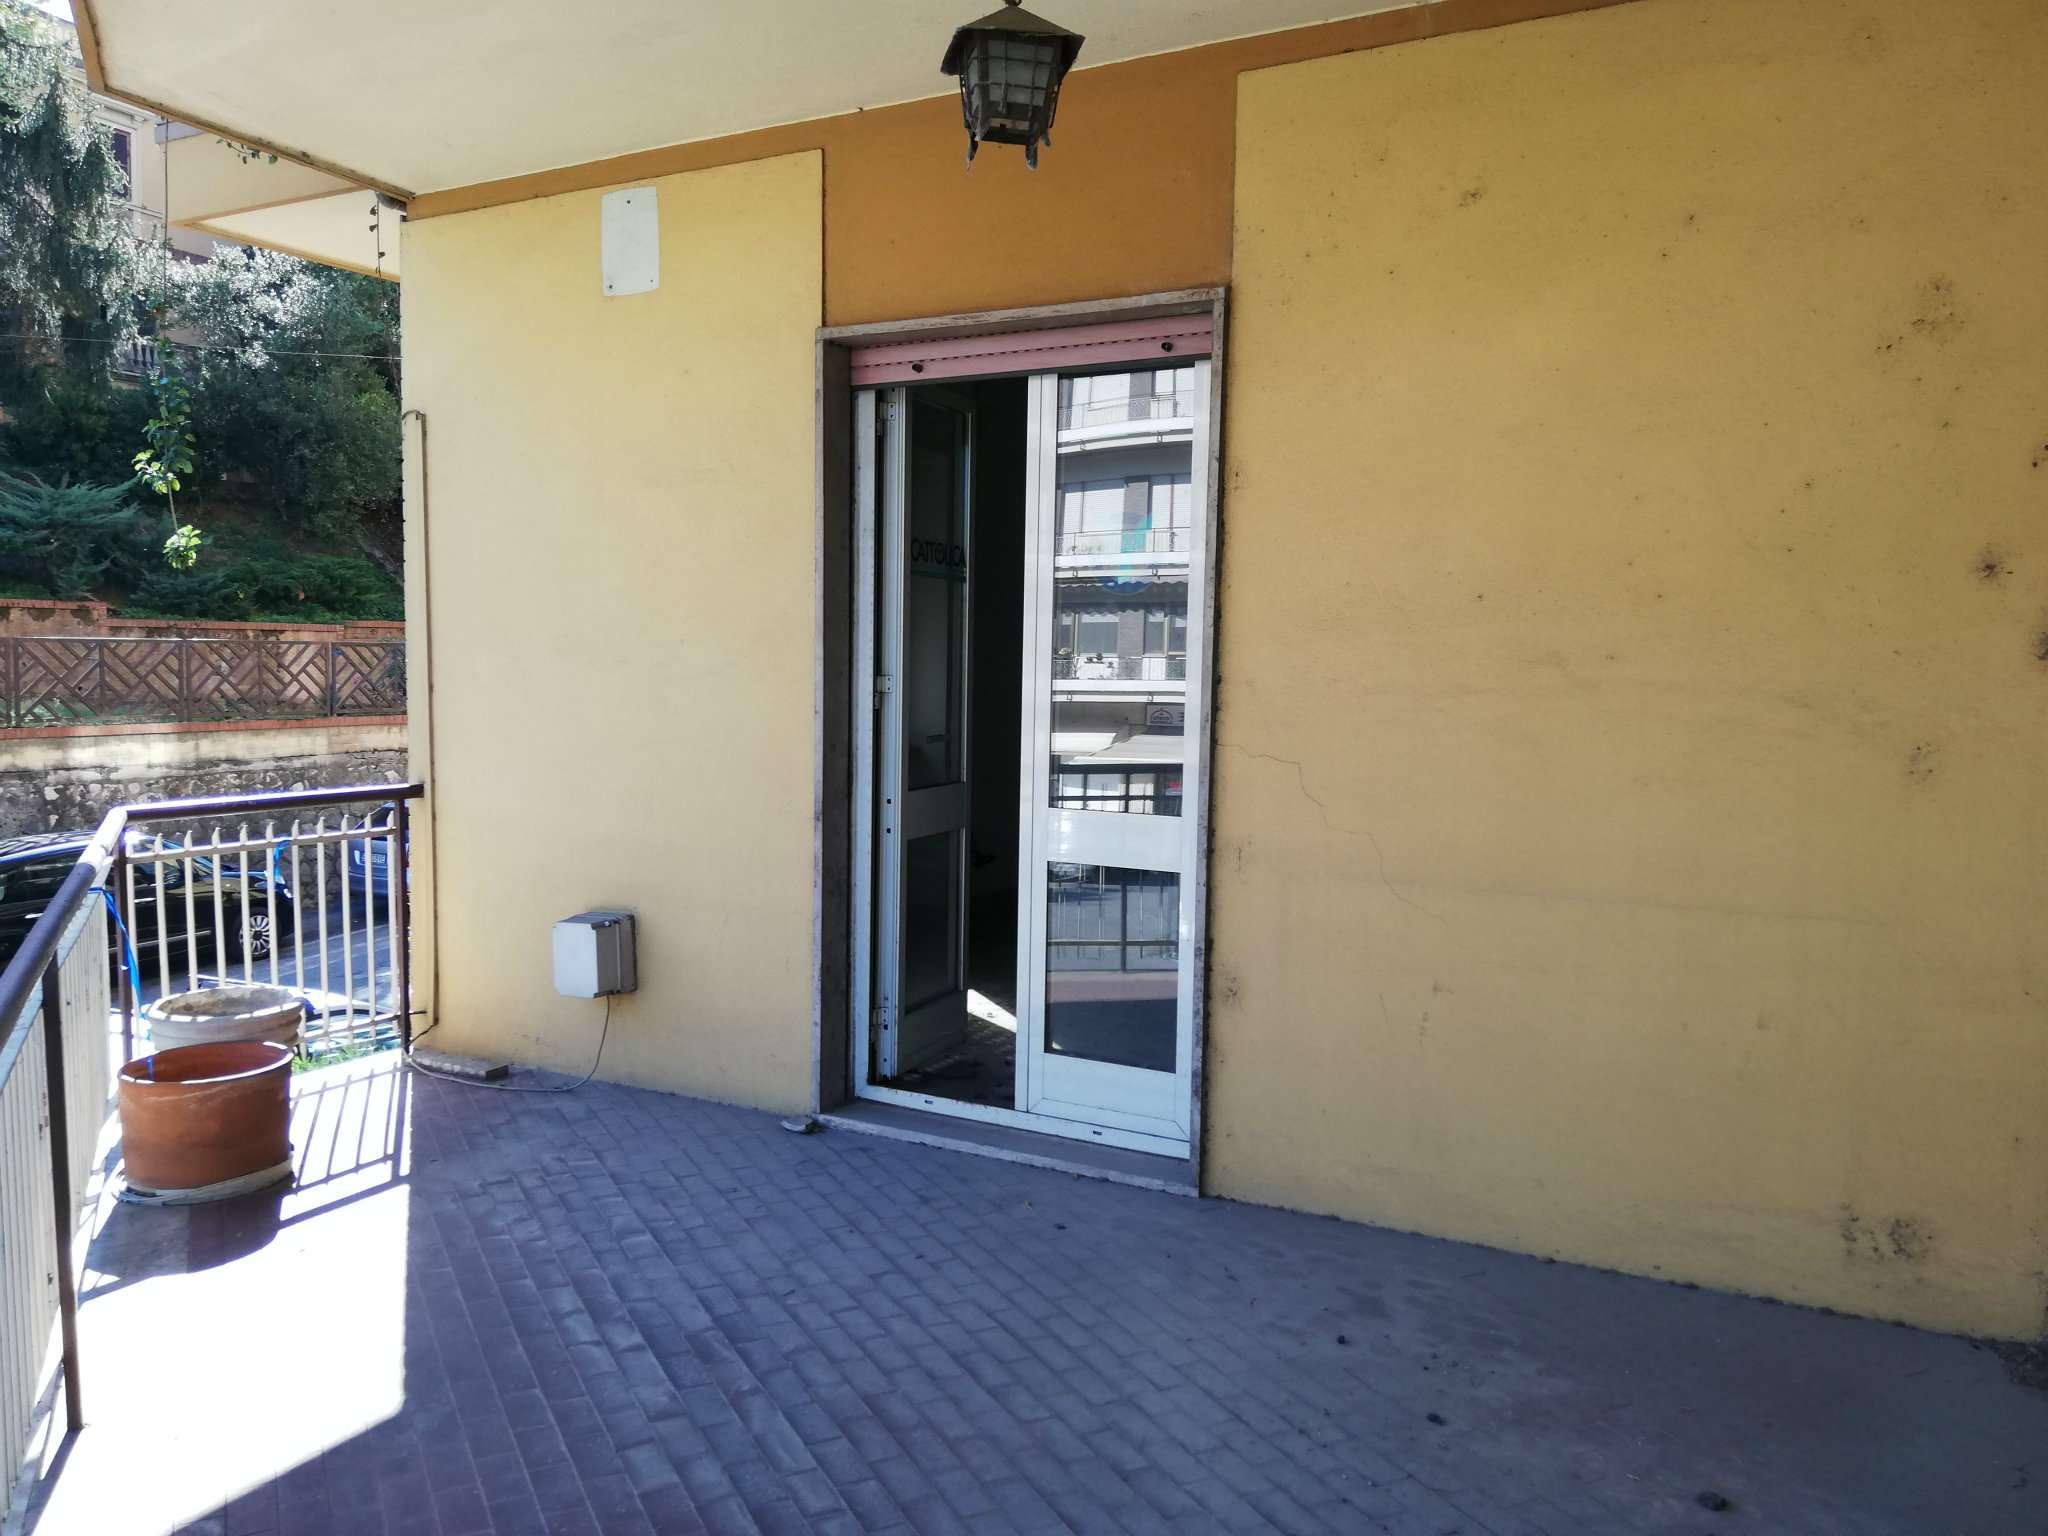 Appartamento in vendita a Frosinone, 6 locali, prezzo € 145.000 | PortaleAgenzieImmobiliari.it